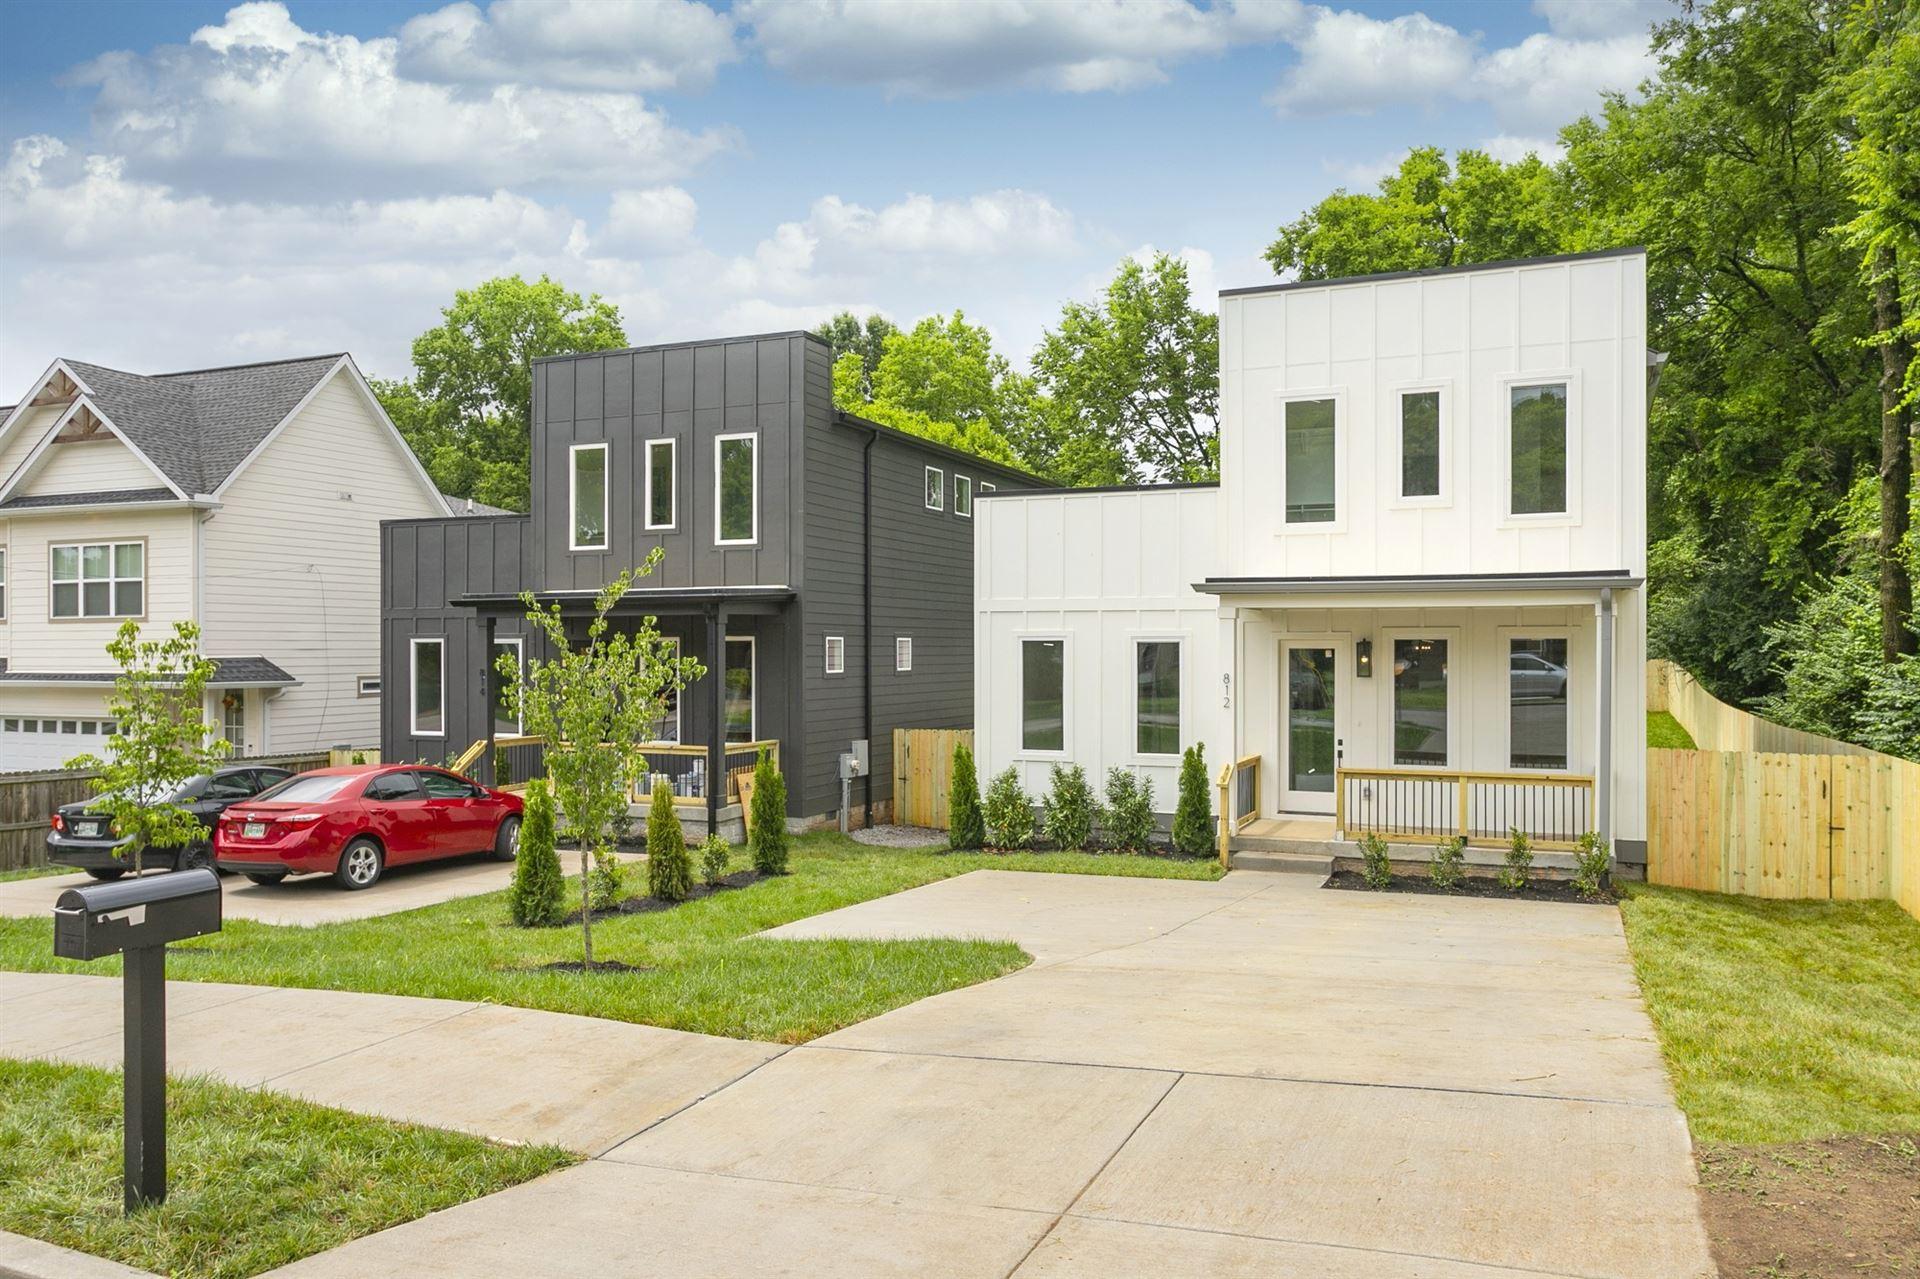 812 Delmas Ave, Nashville, TN 37216 - MLS#: 2278238